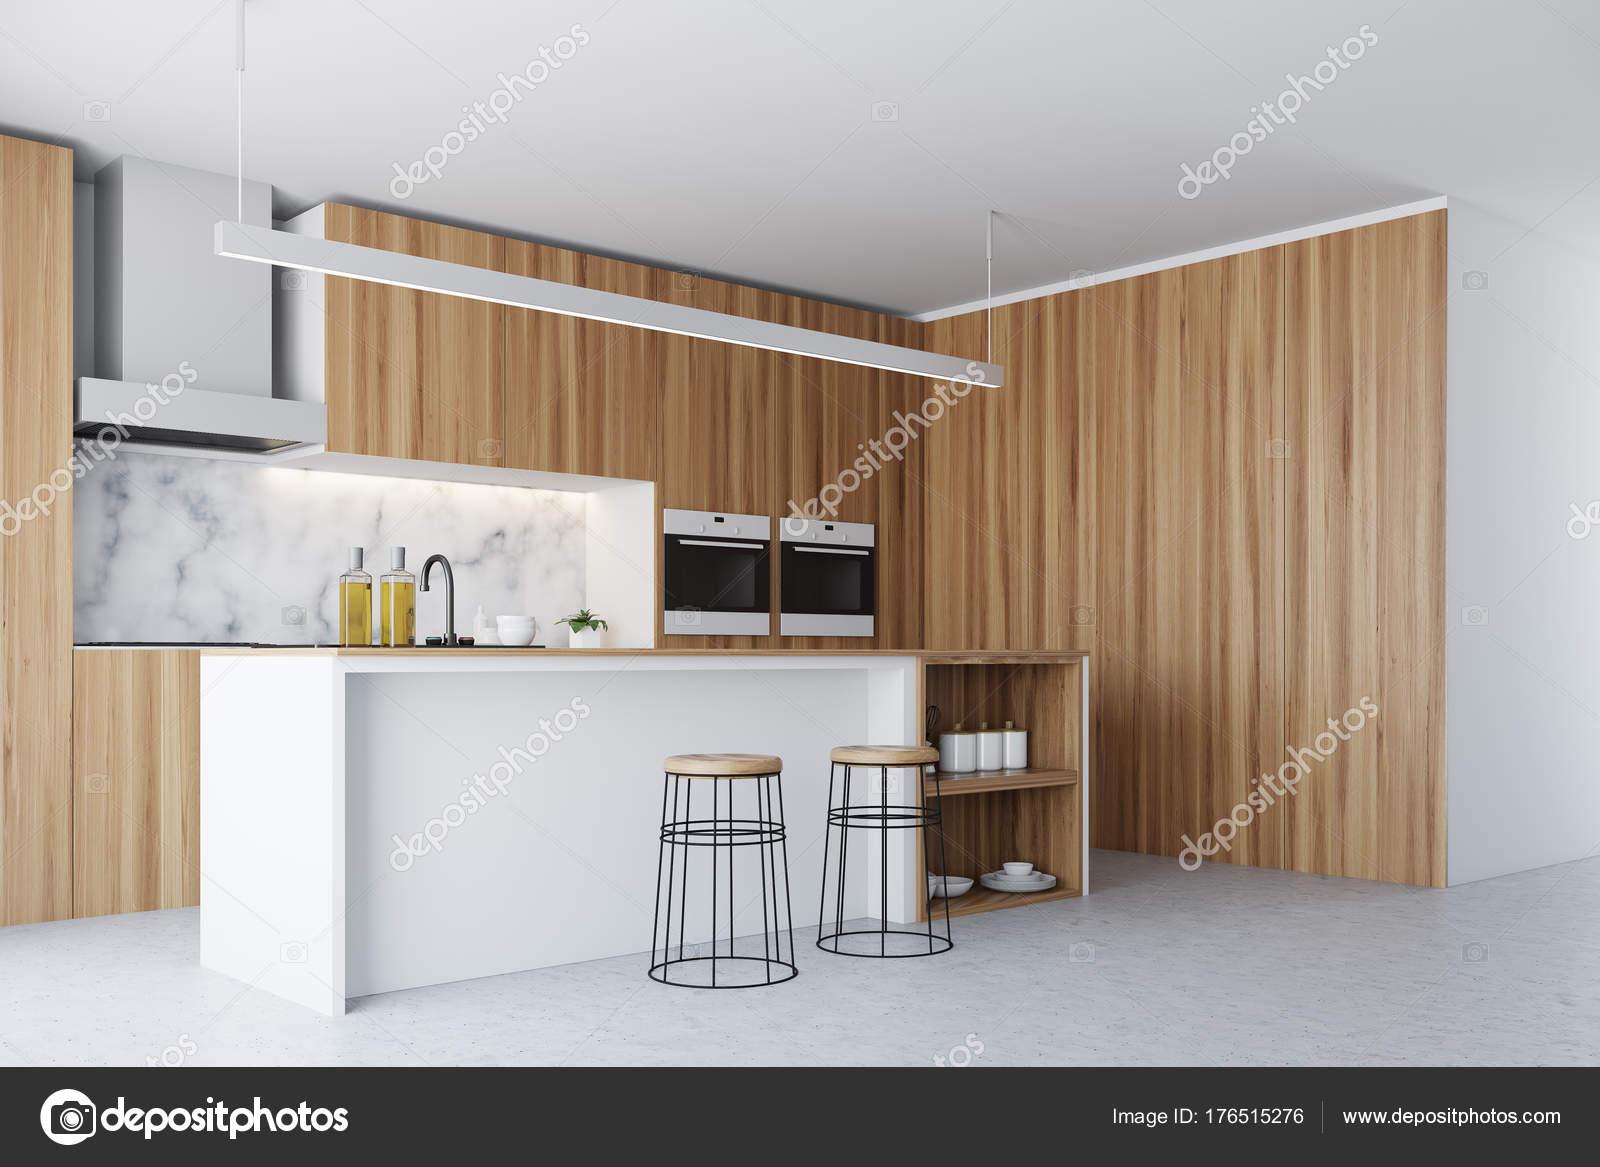 Dunklen Holz Fenster, Küche und Bar-Ecke — Stockfoto ...